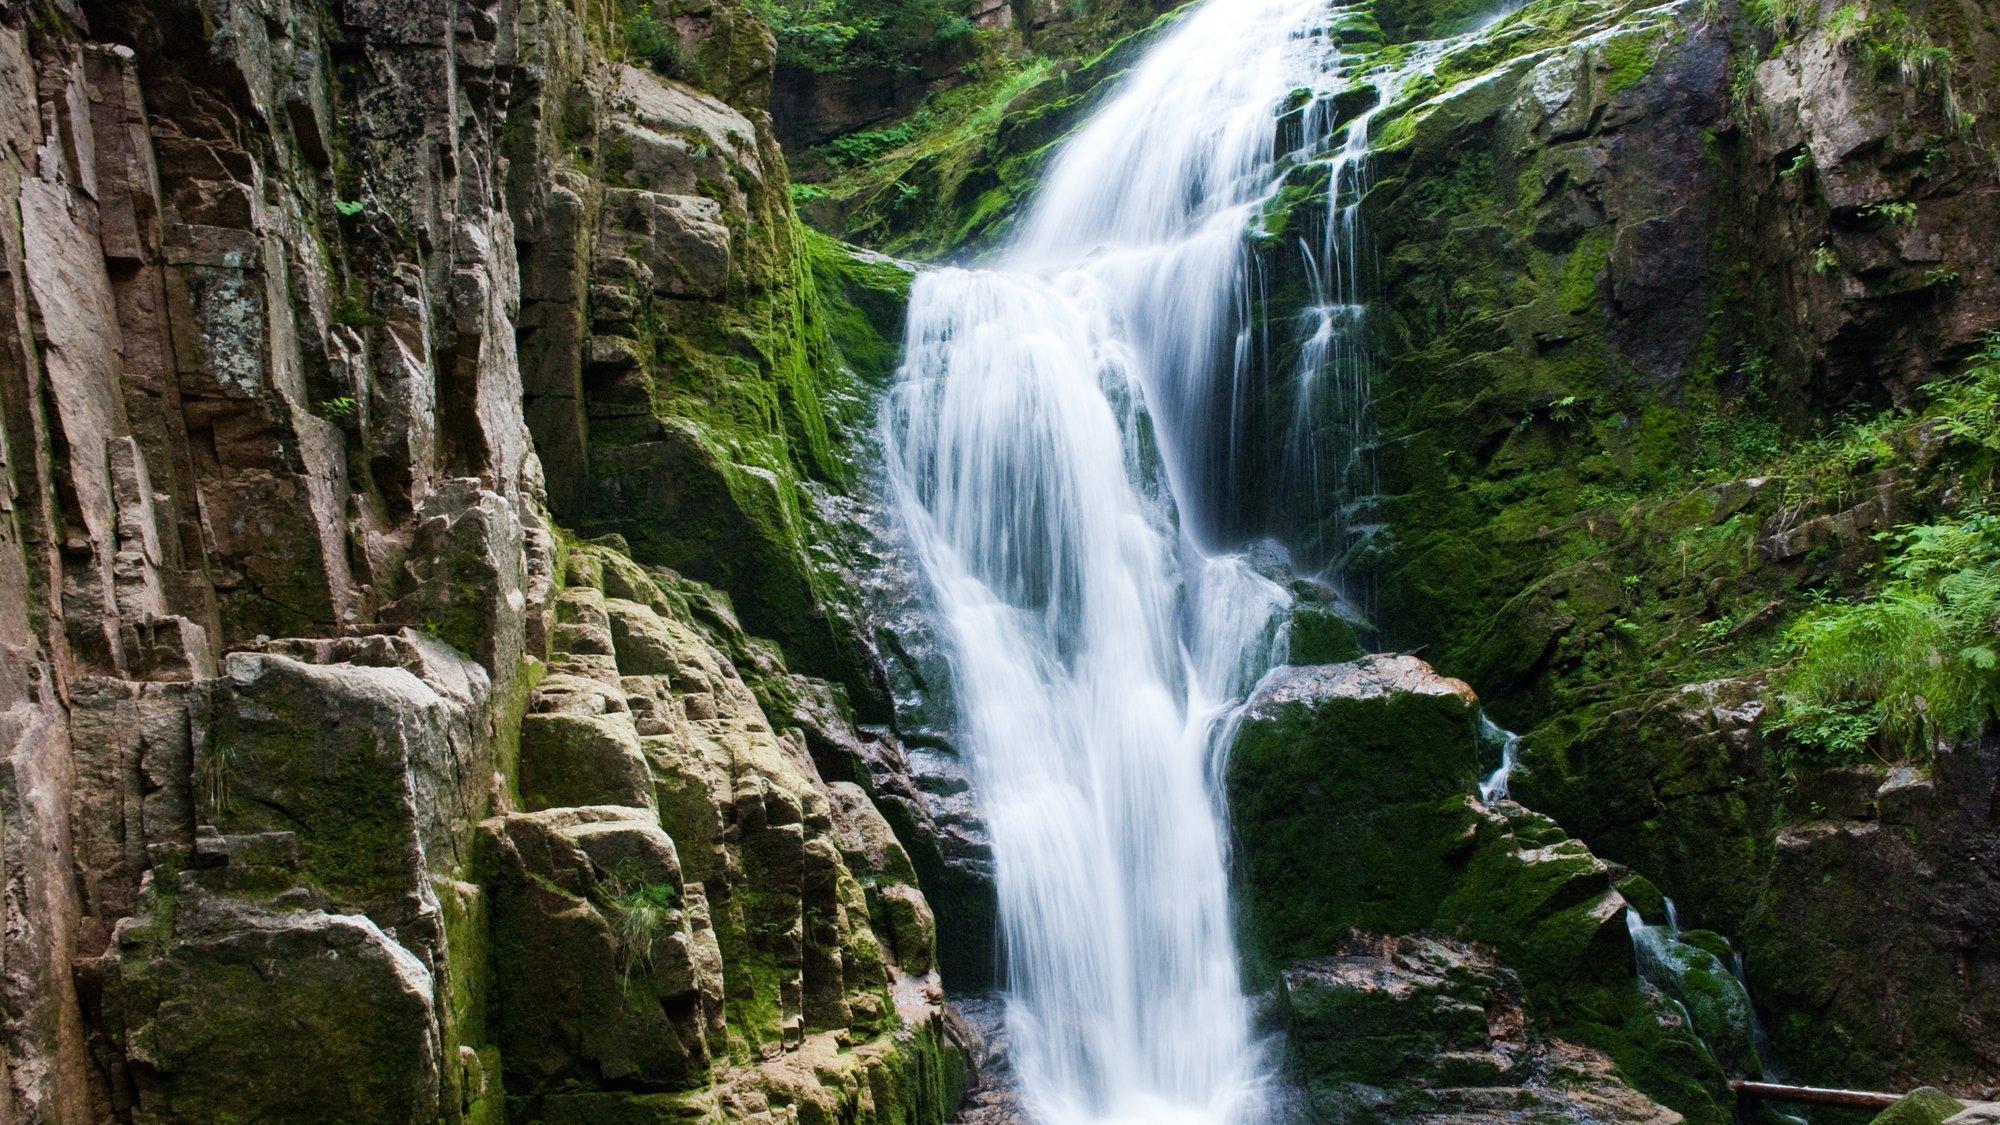 Ein Wasserfall im Wald